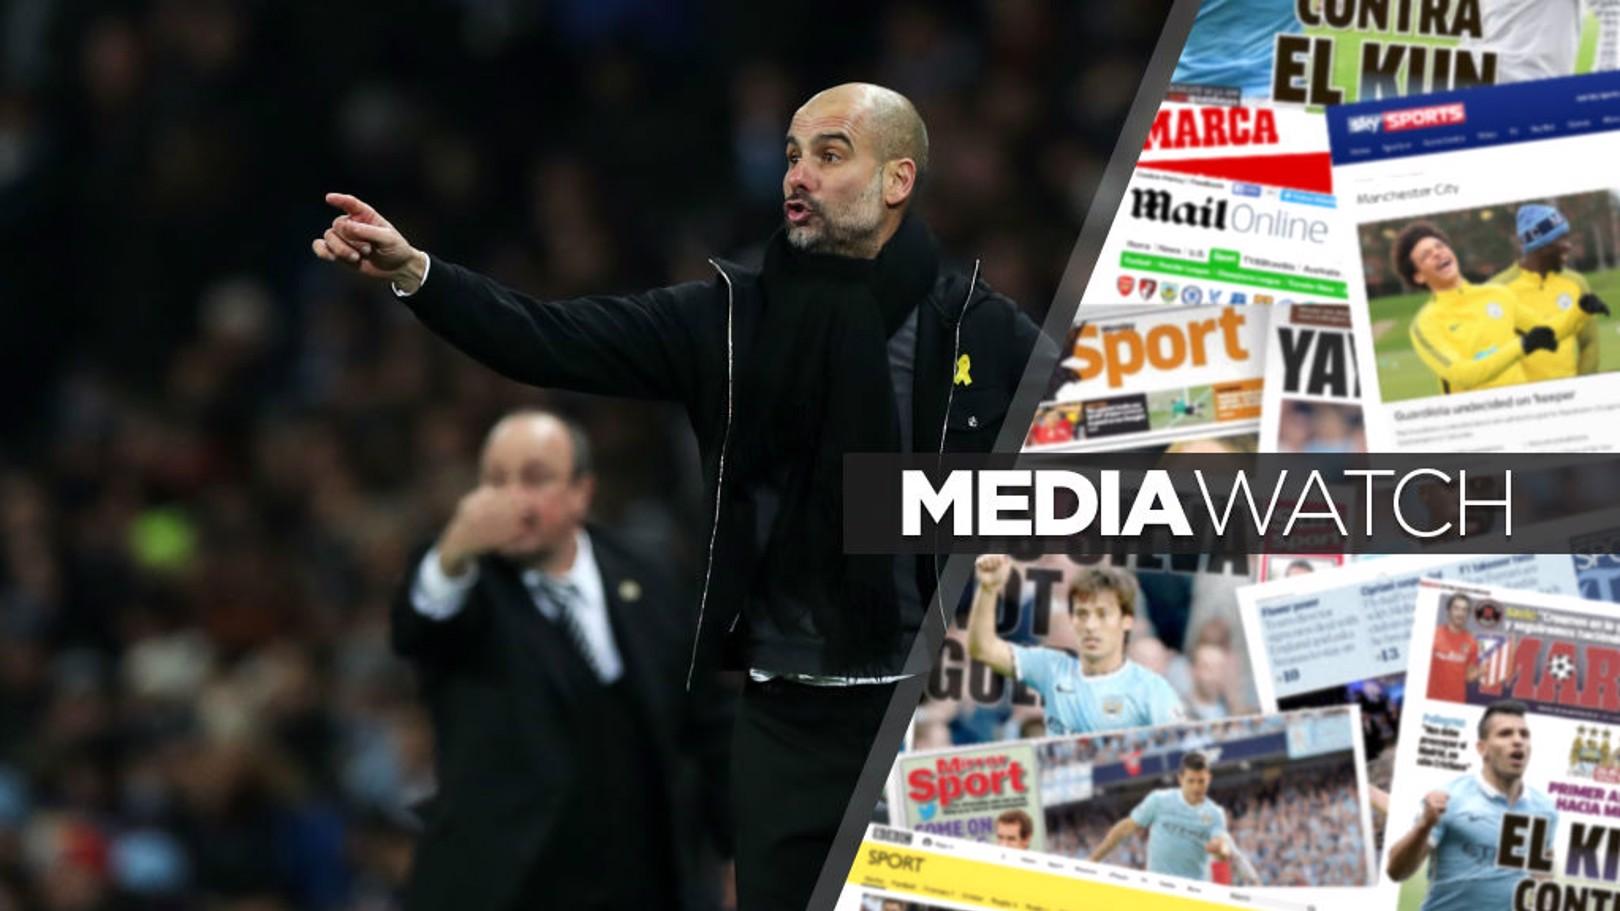 بعض الصحف ربطت مانشستر سيتي بلاعب وسط الدوري الممتاز.